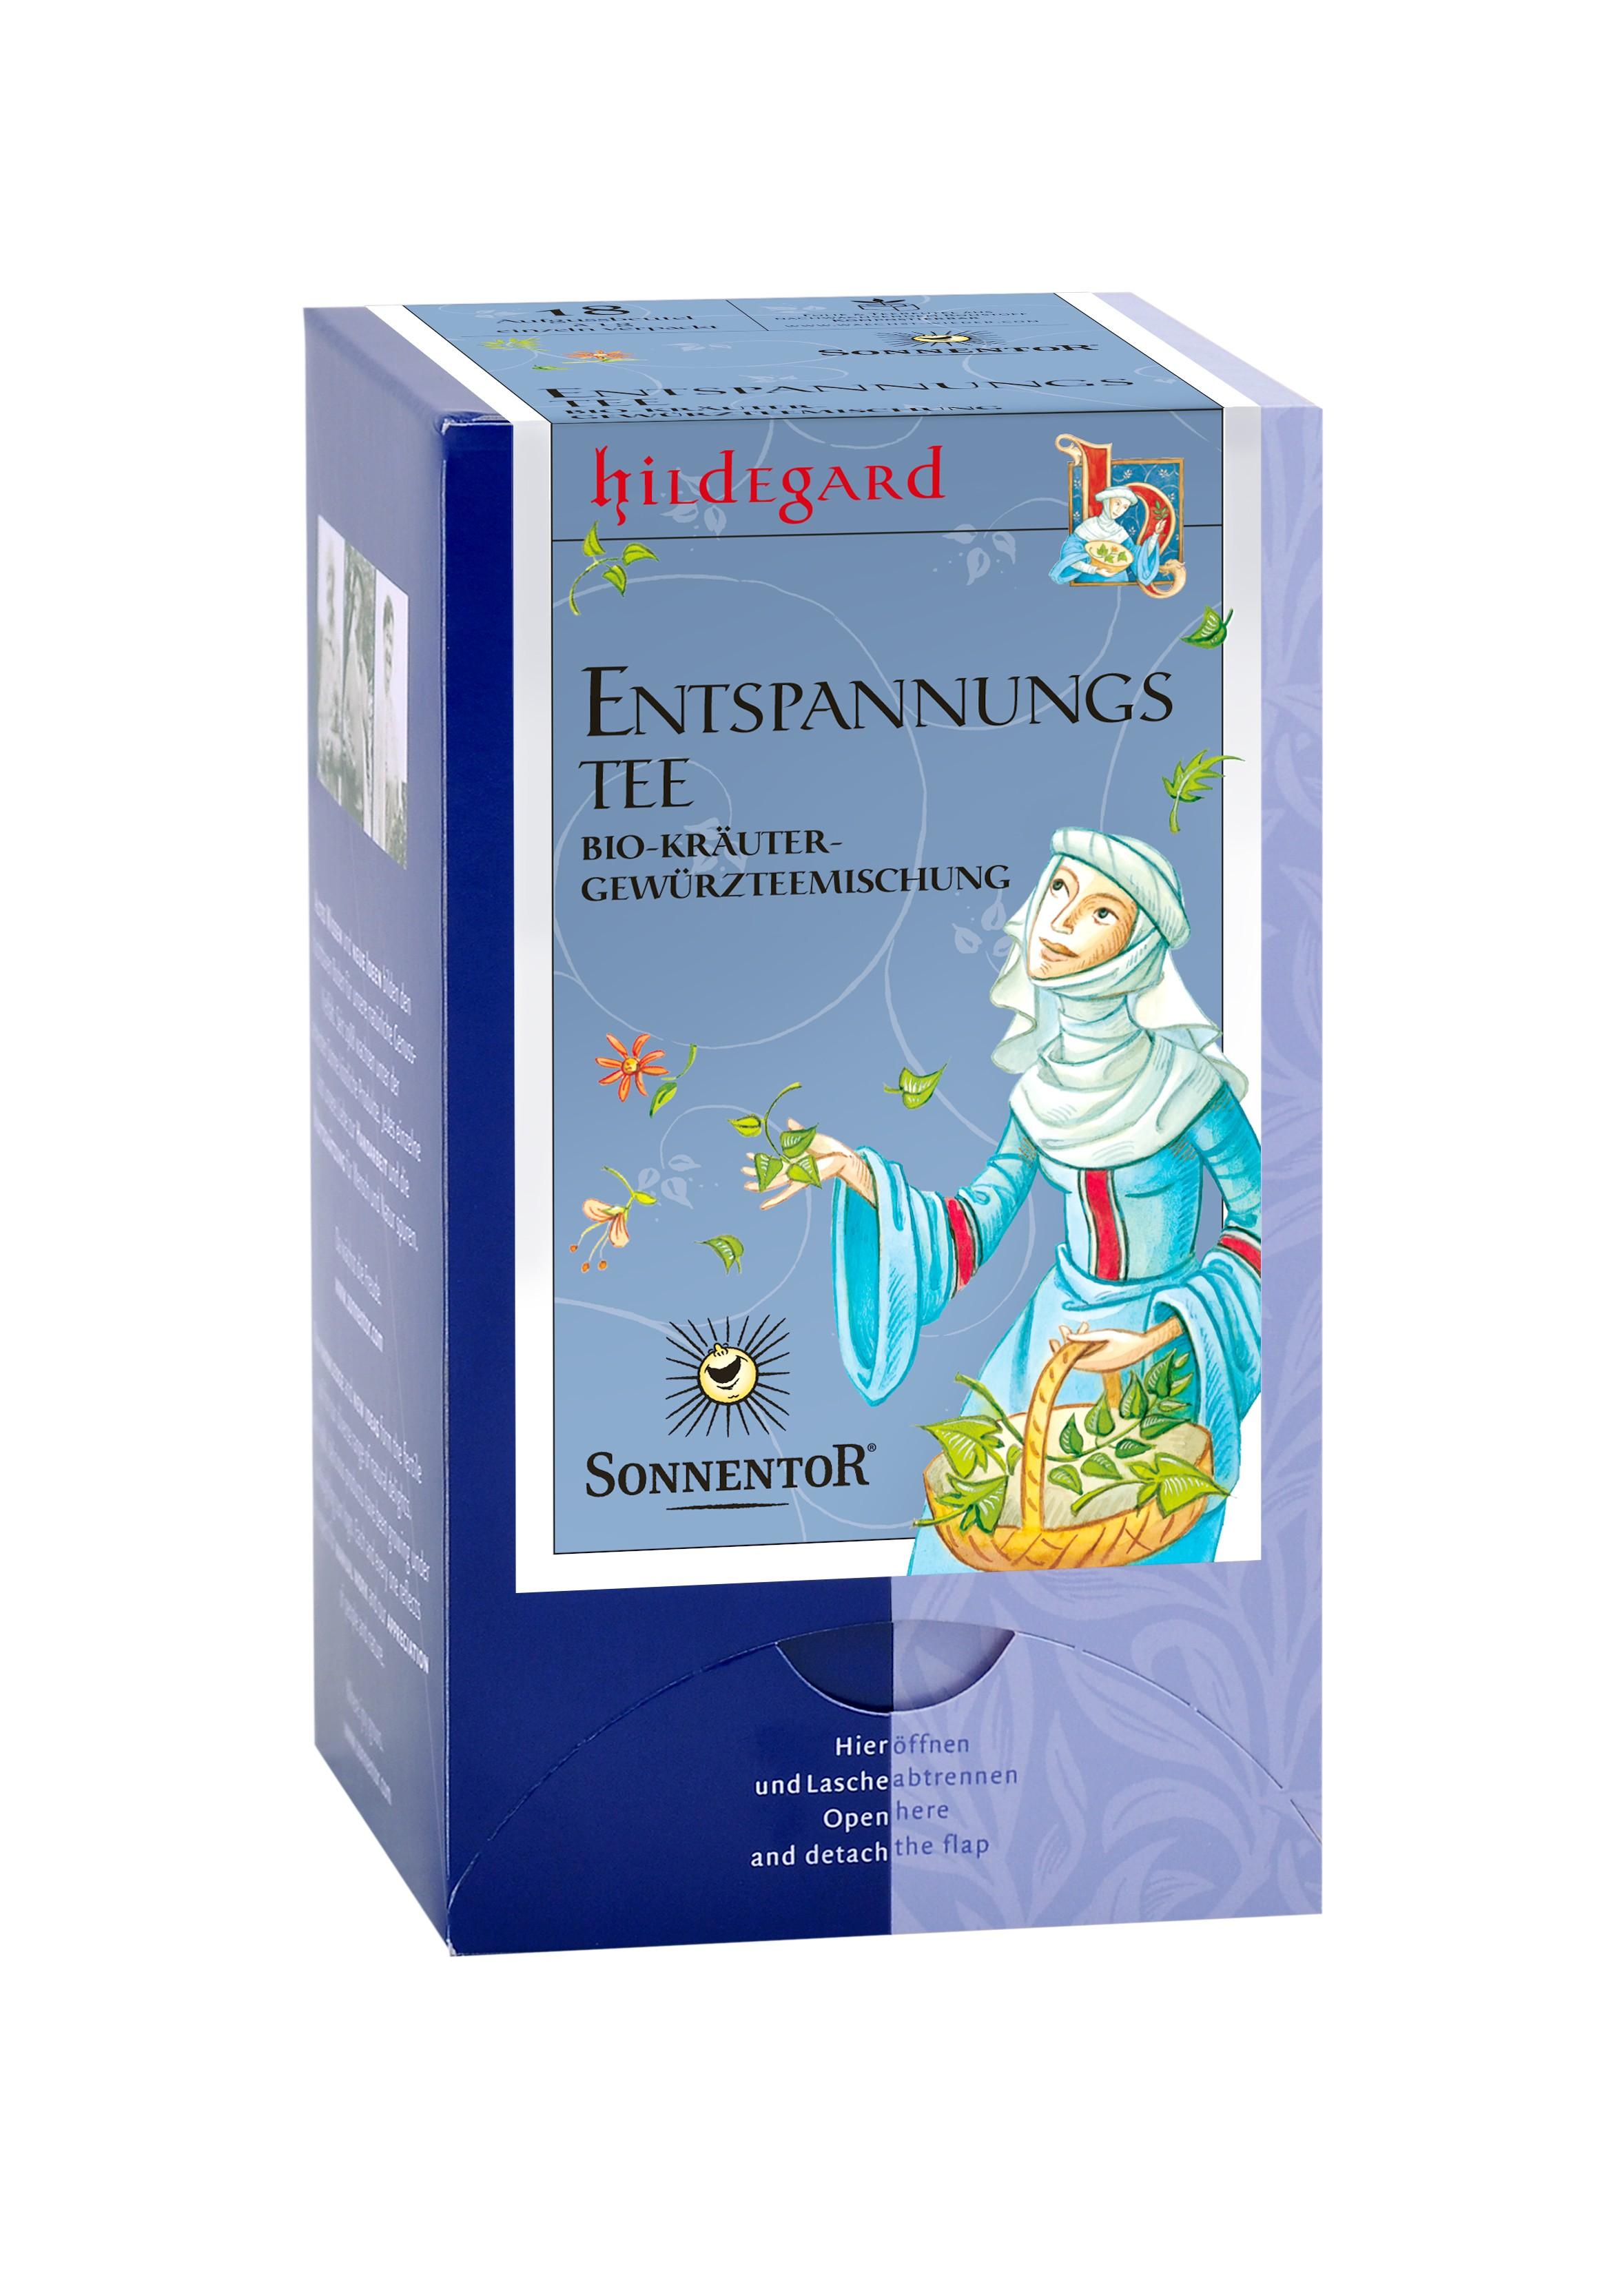 Entspannungstee Hildegard 18g bio